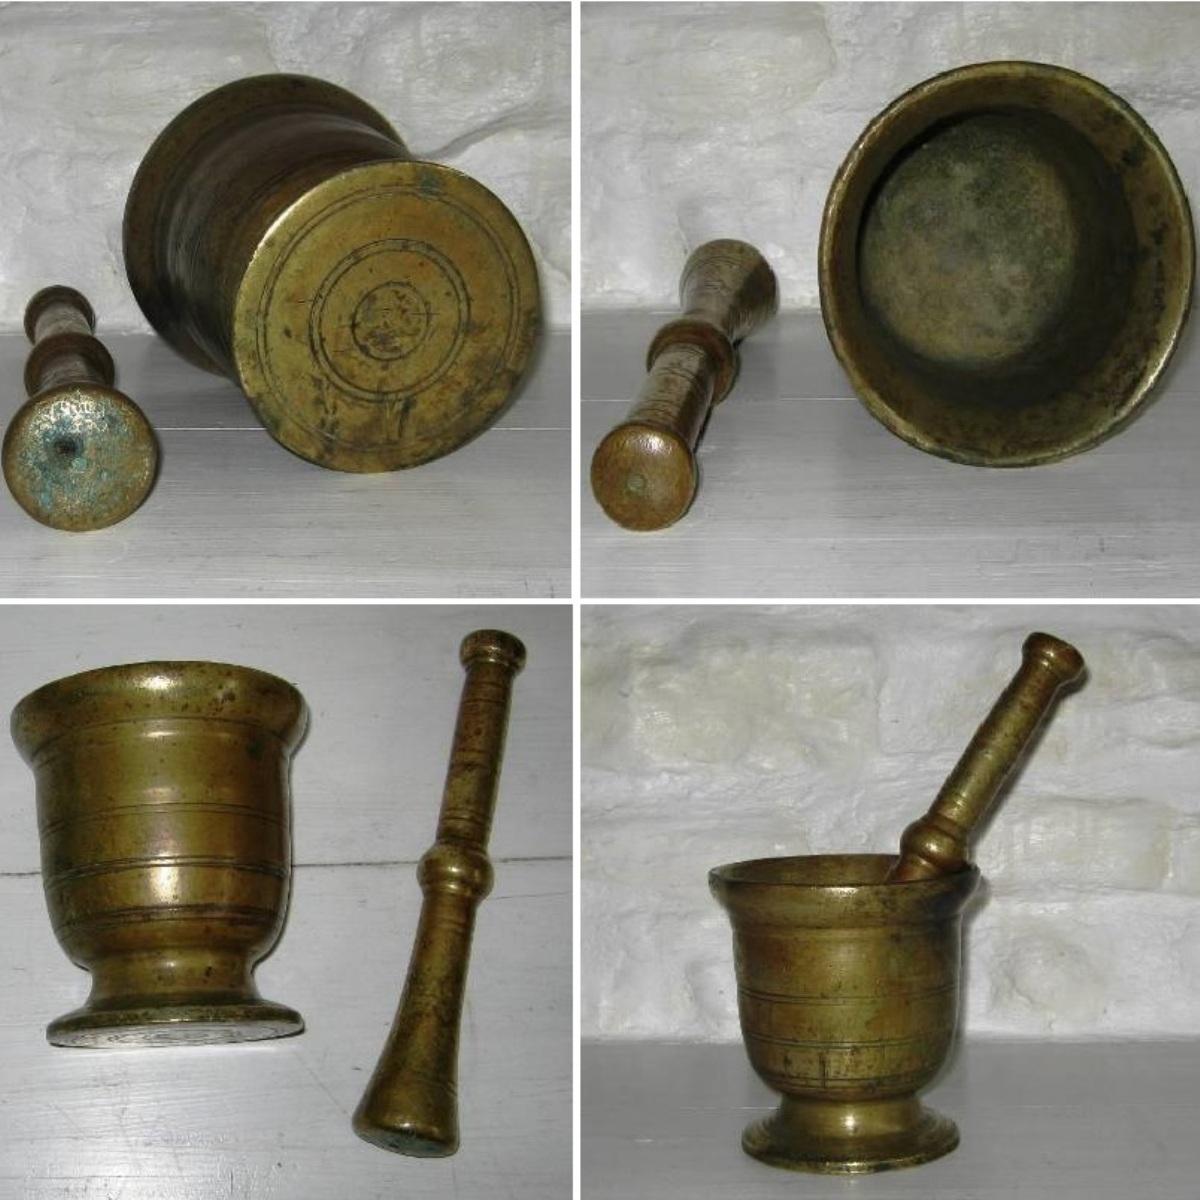 Mortier et son pilon en bronze f